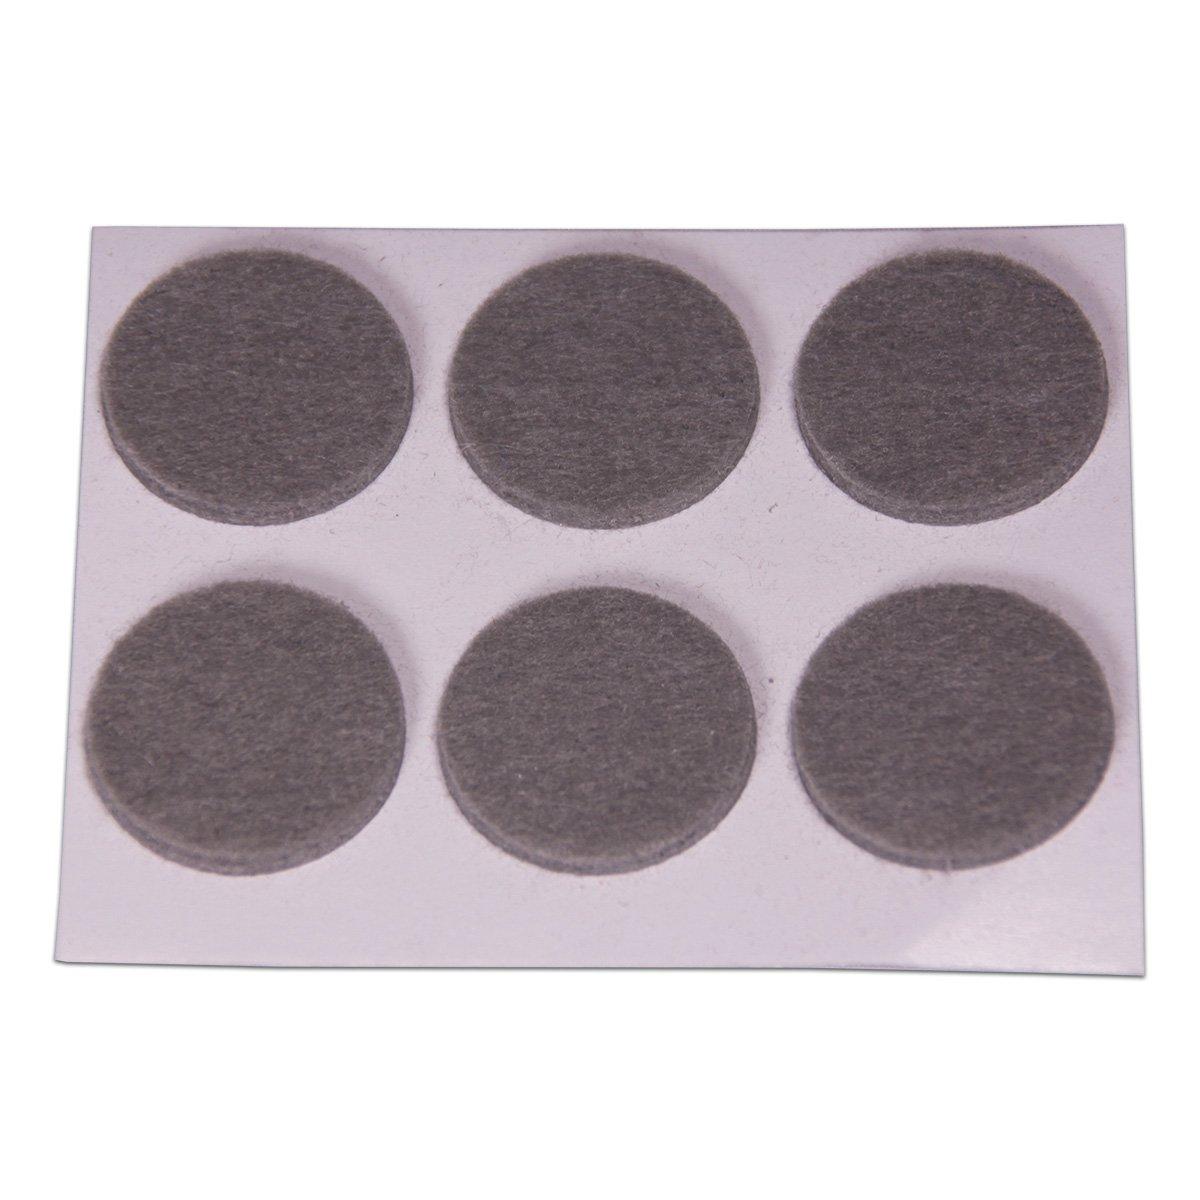 Brinox B76120M Deslizadores de fieltro sint/ético Marr/ón Set de 12 Piezas 20x23 mm